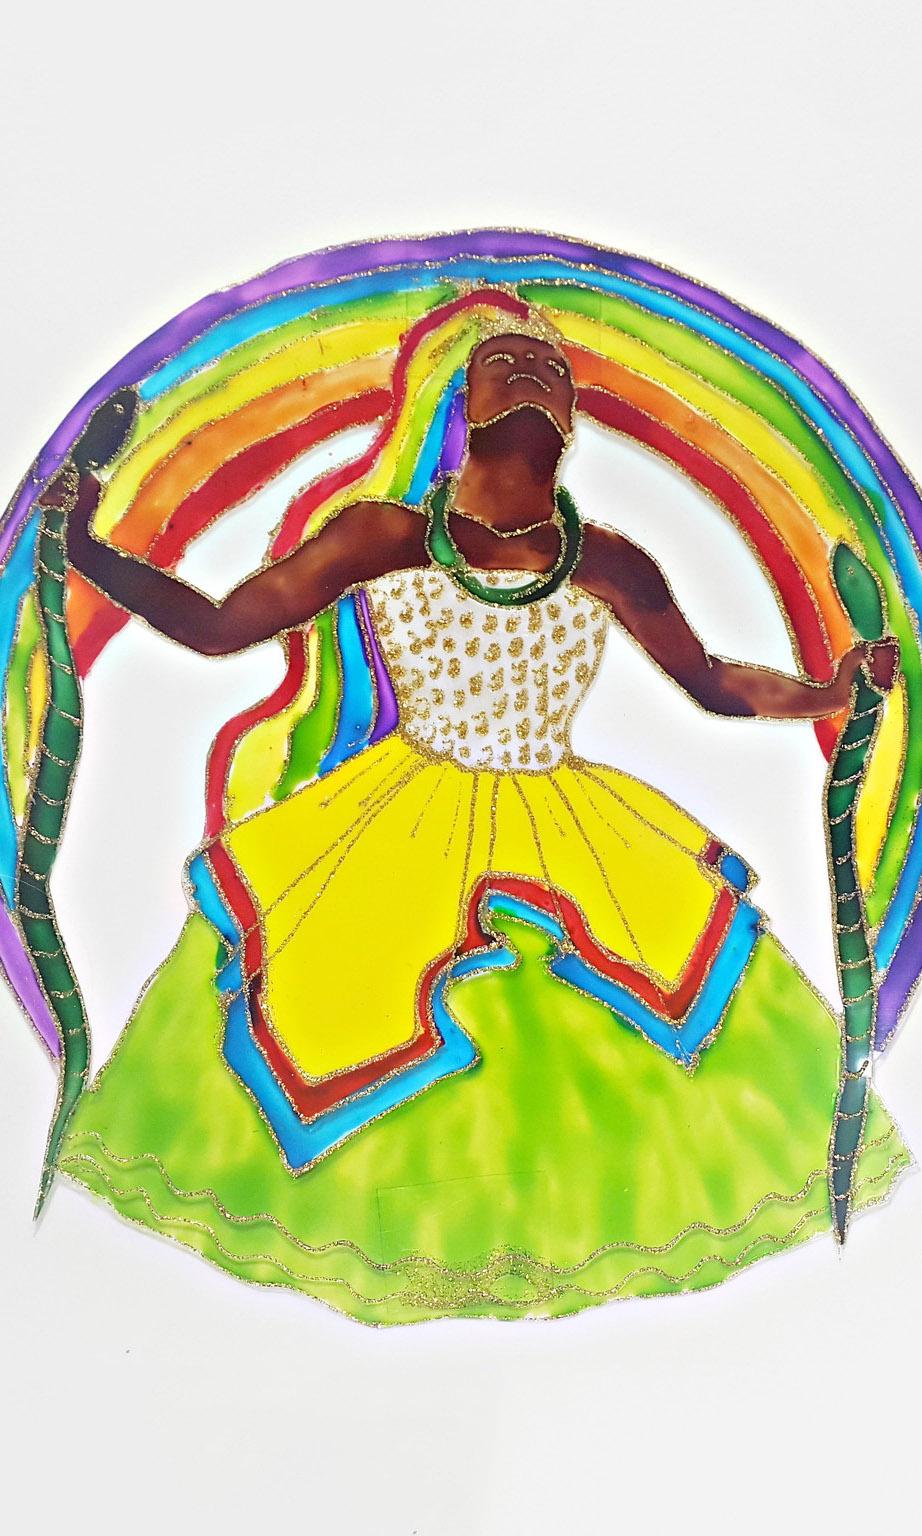 Arte-Oxumaré-Orixá-Umbanda-Candomblé-Caotize-se7